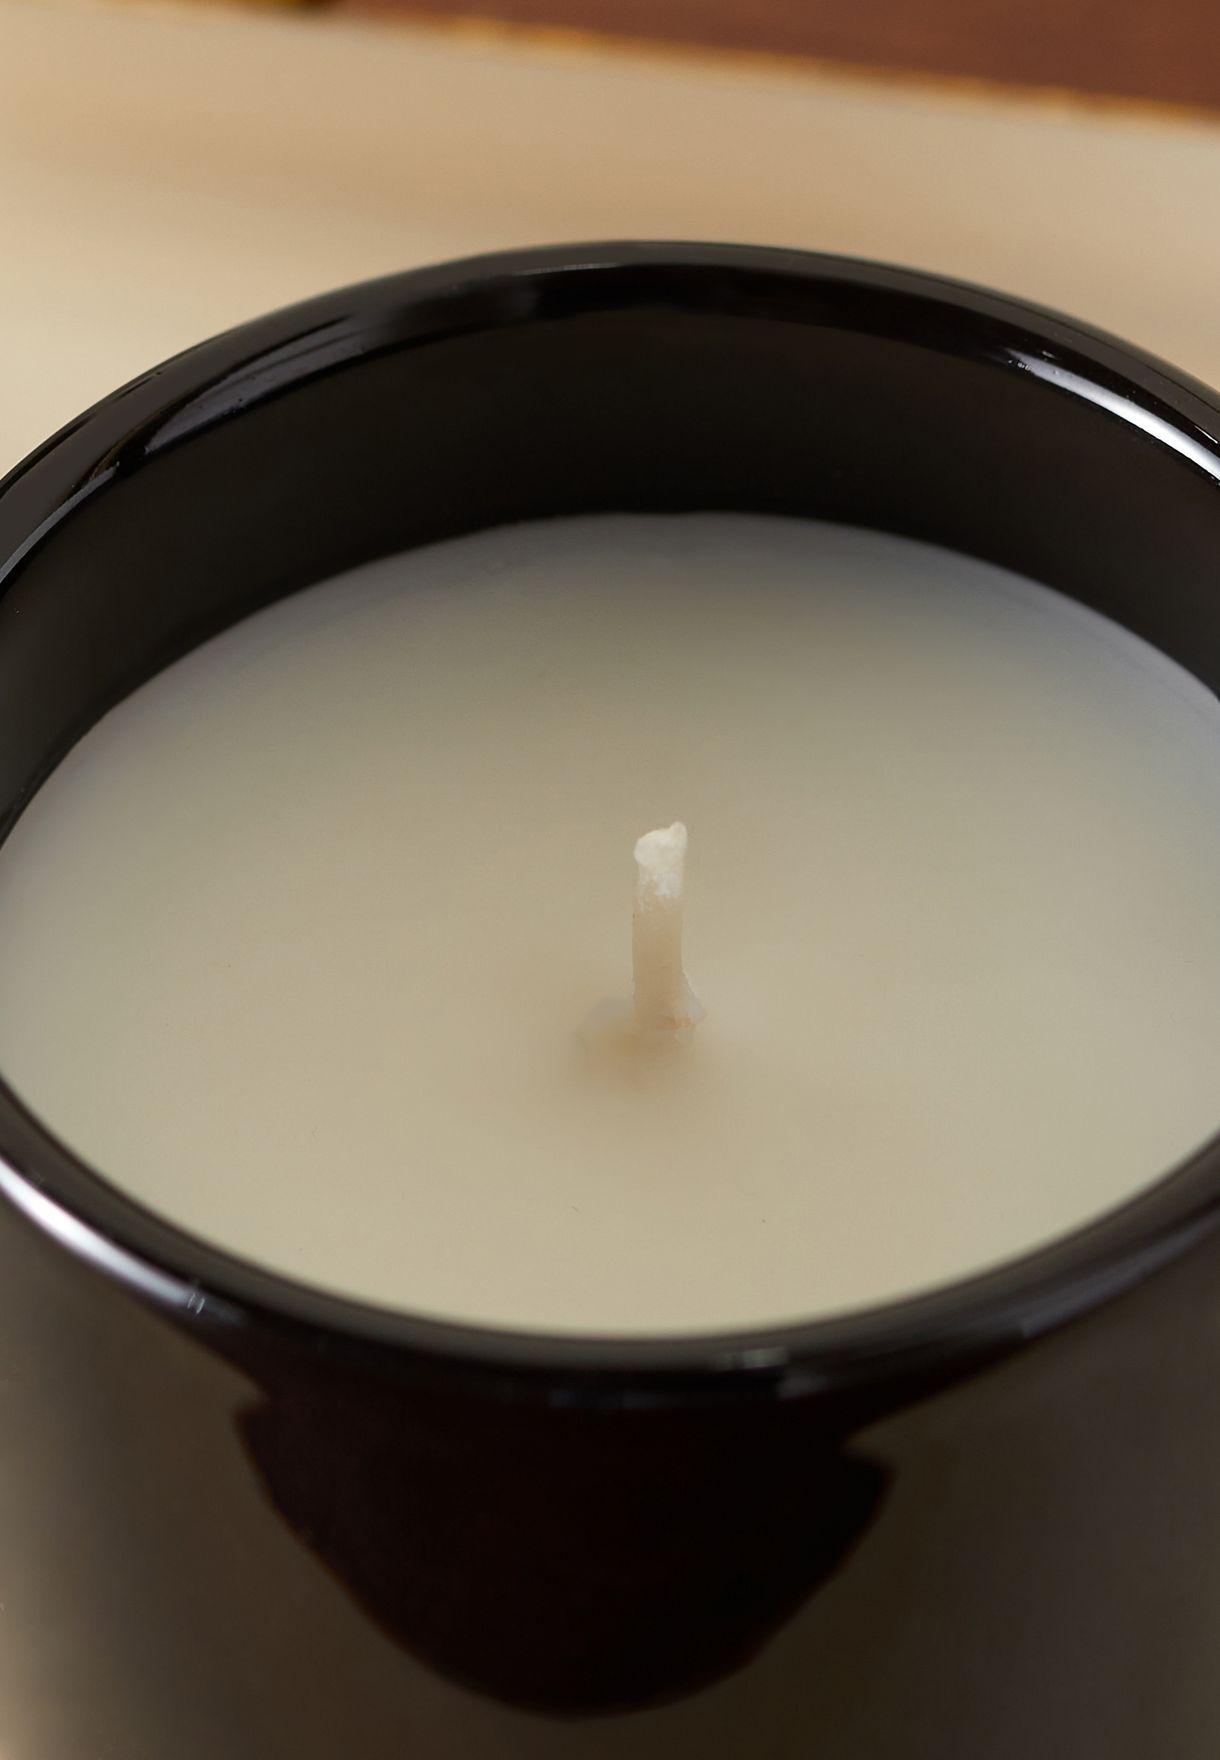 شمعة برائحة خشب الفلفل